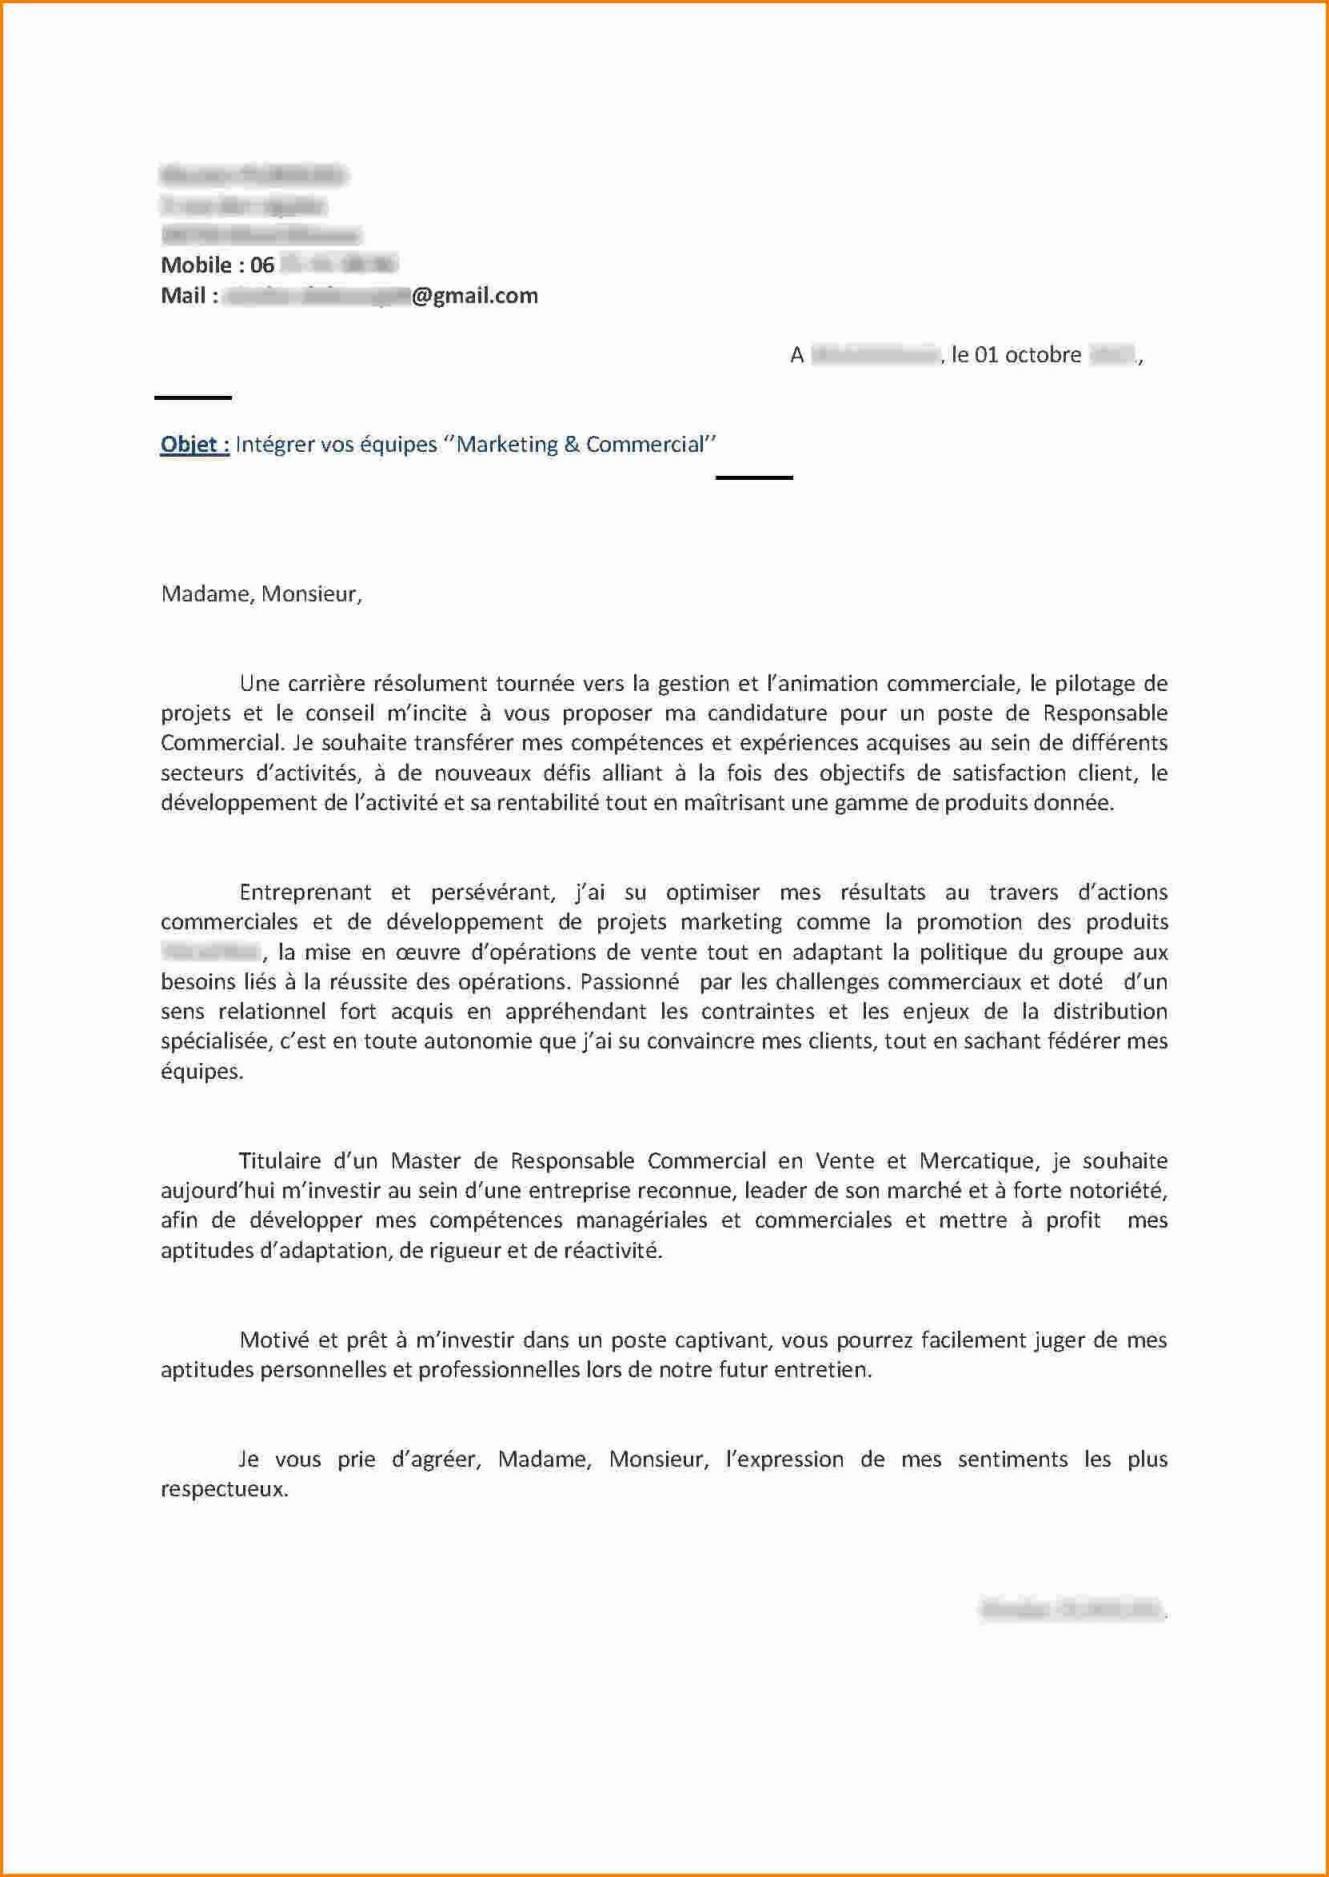 Exemple lettre de motivation concours auxiliaire de puériculture - laboite-cv.fr